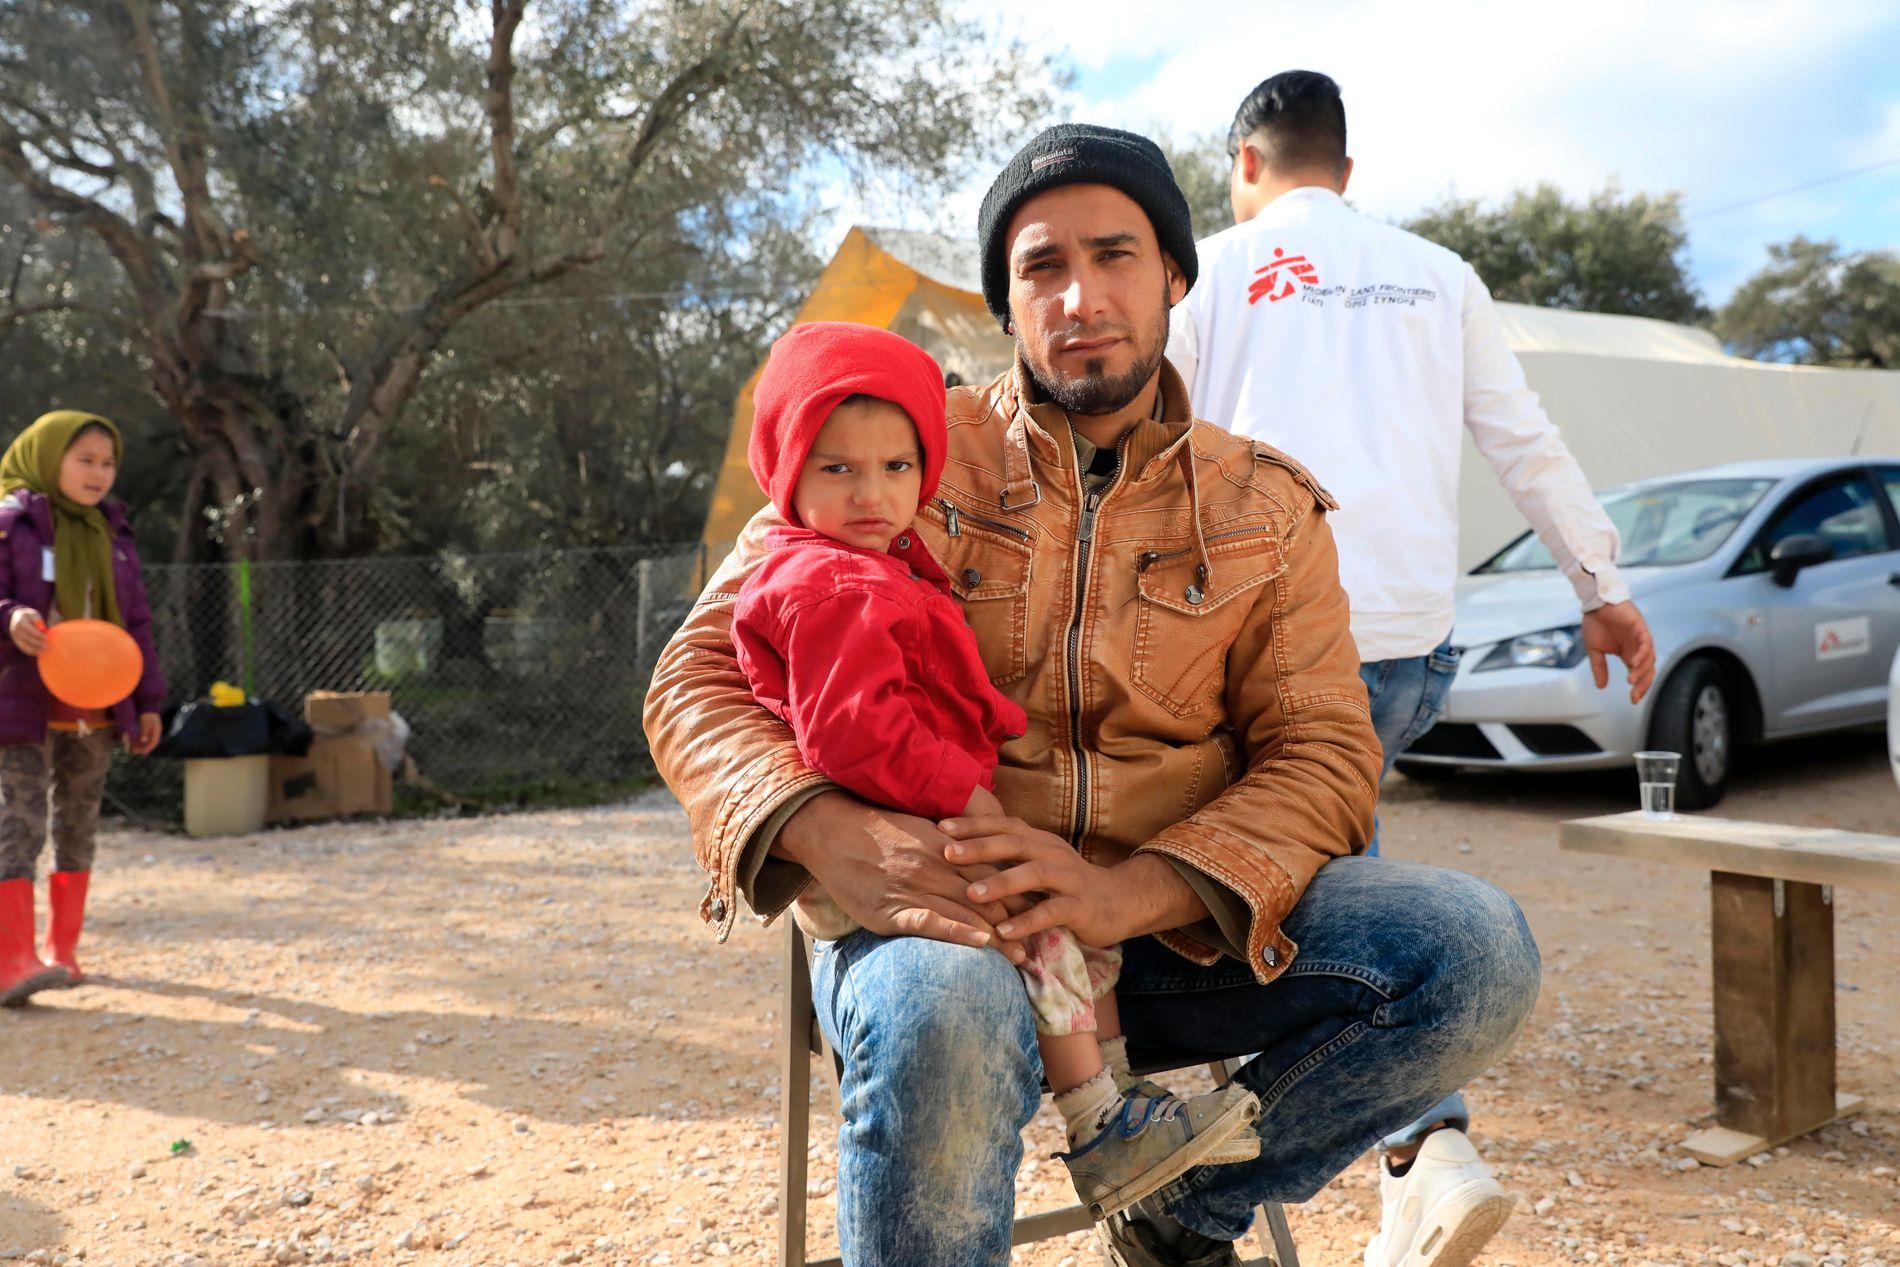 FÅR HJELP: Israa (1,5) er ikke i form, og faren Khaled el-Hussein har tatt henne med til den mobile klinikken som Leger uten grenser driver ved Moria-leiren på Lesvos.